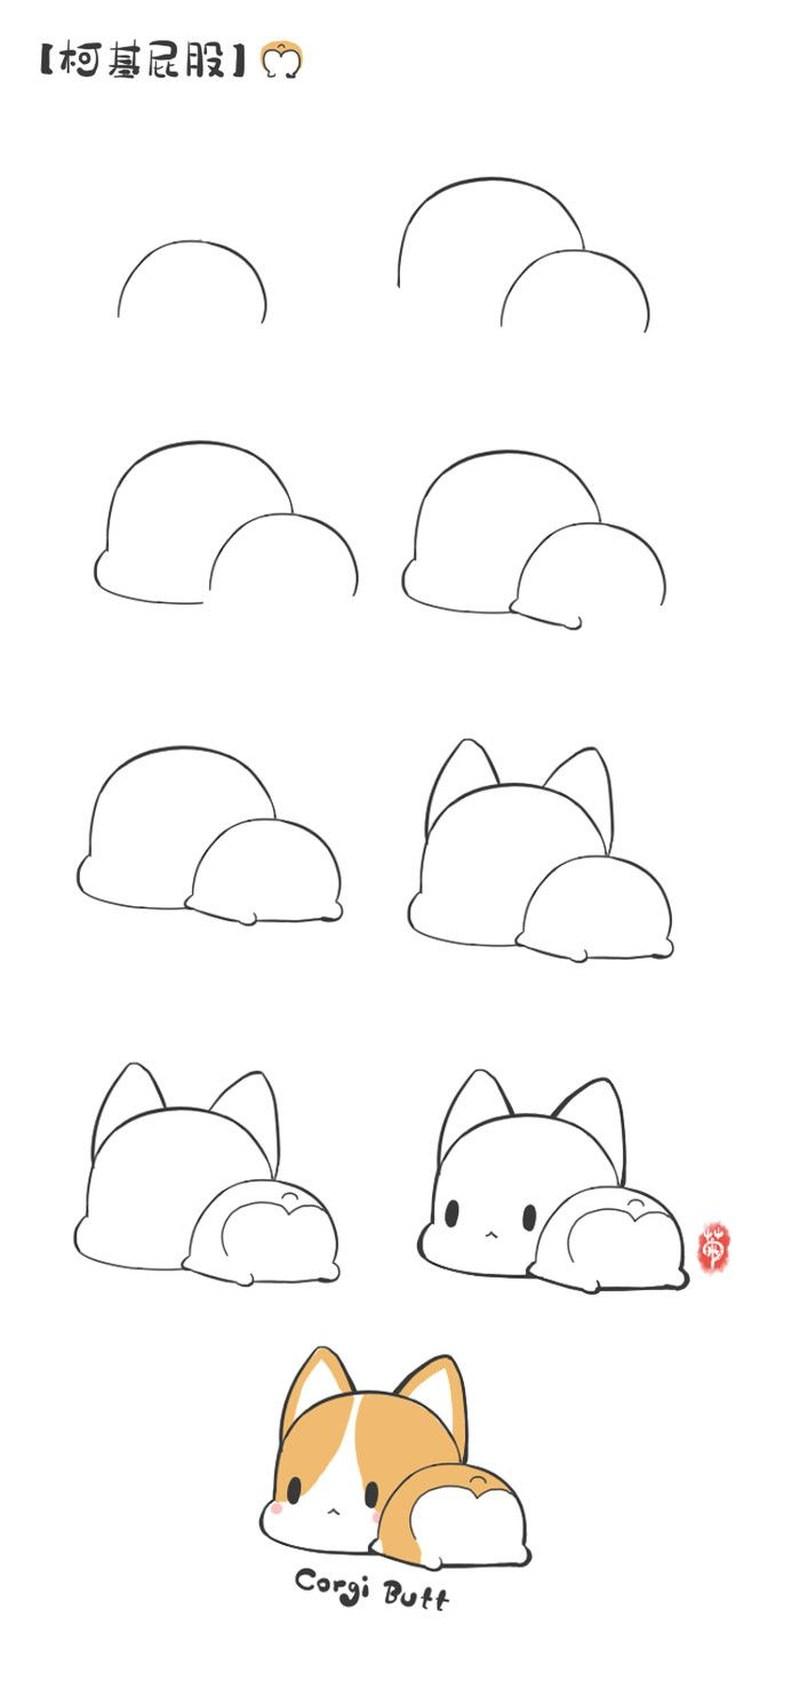 perros kawaii dibujos fáciles paso a paso a lápiz corgi